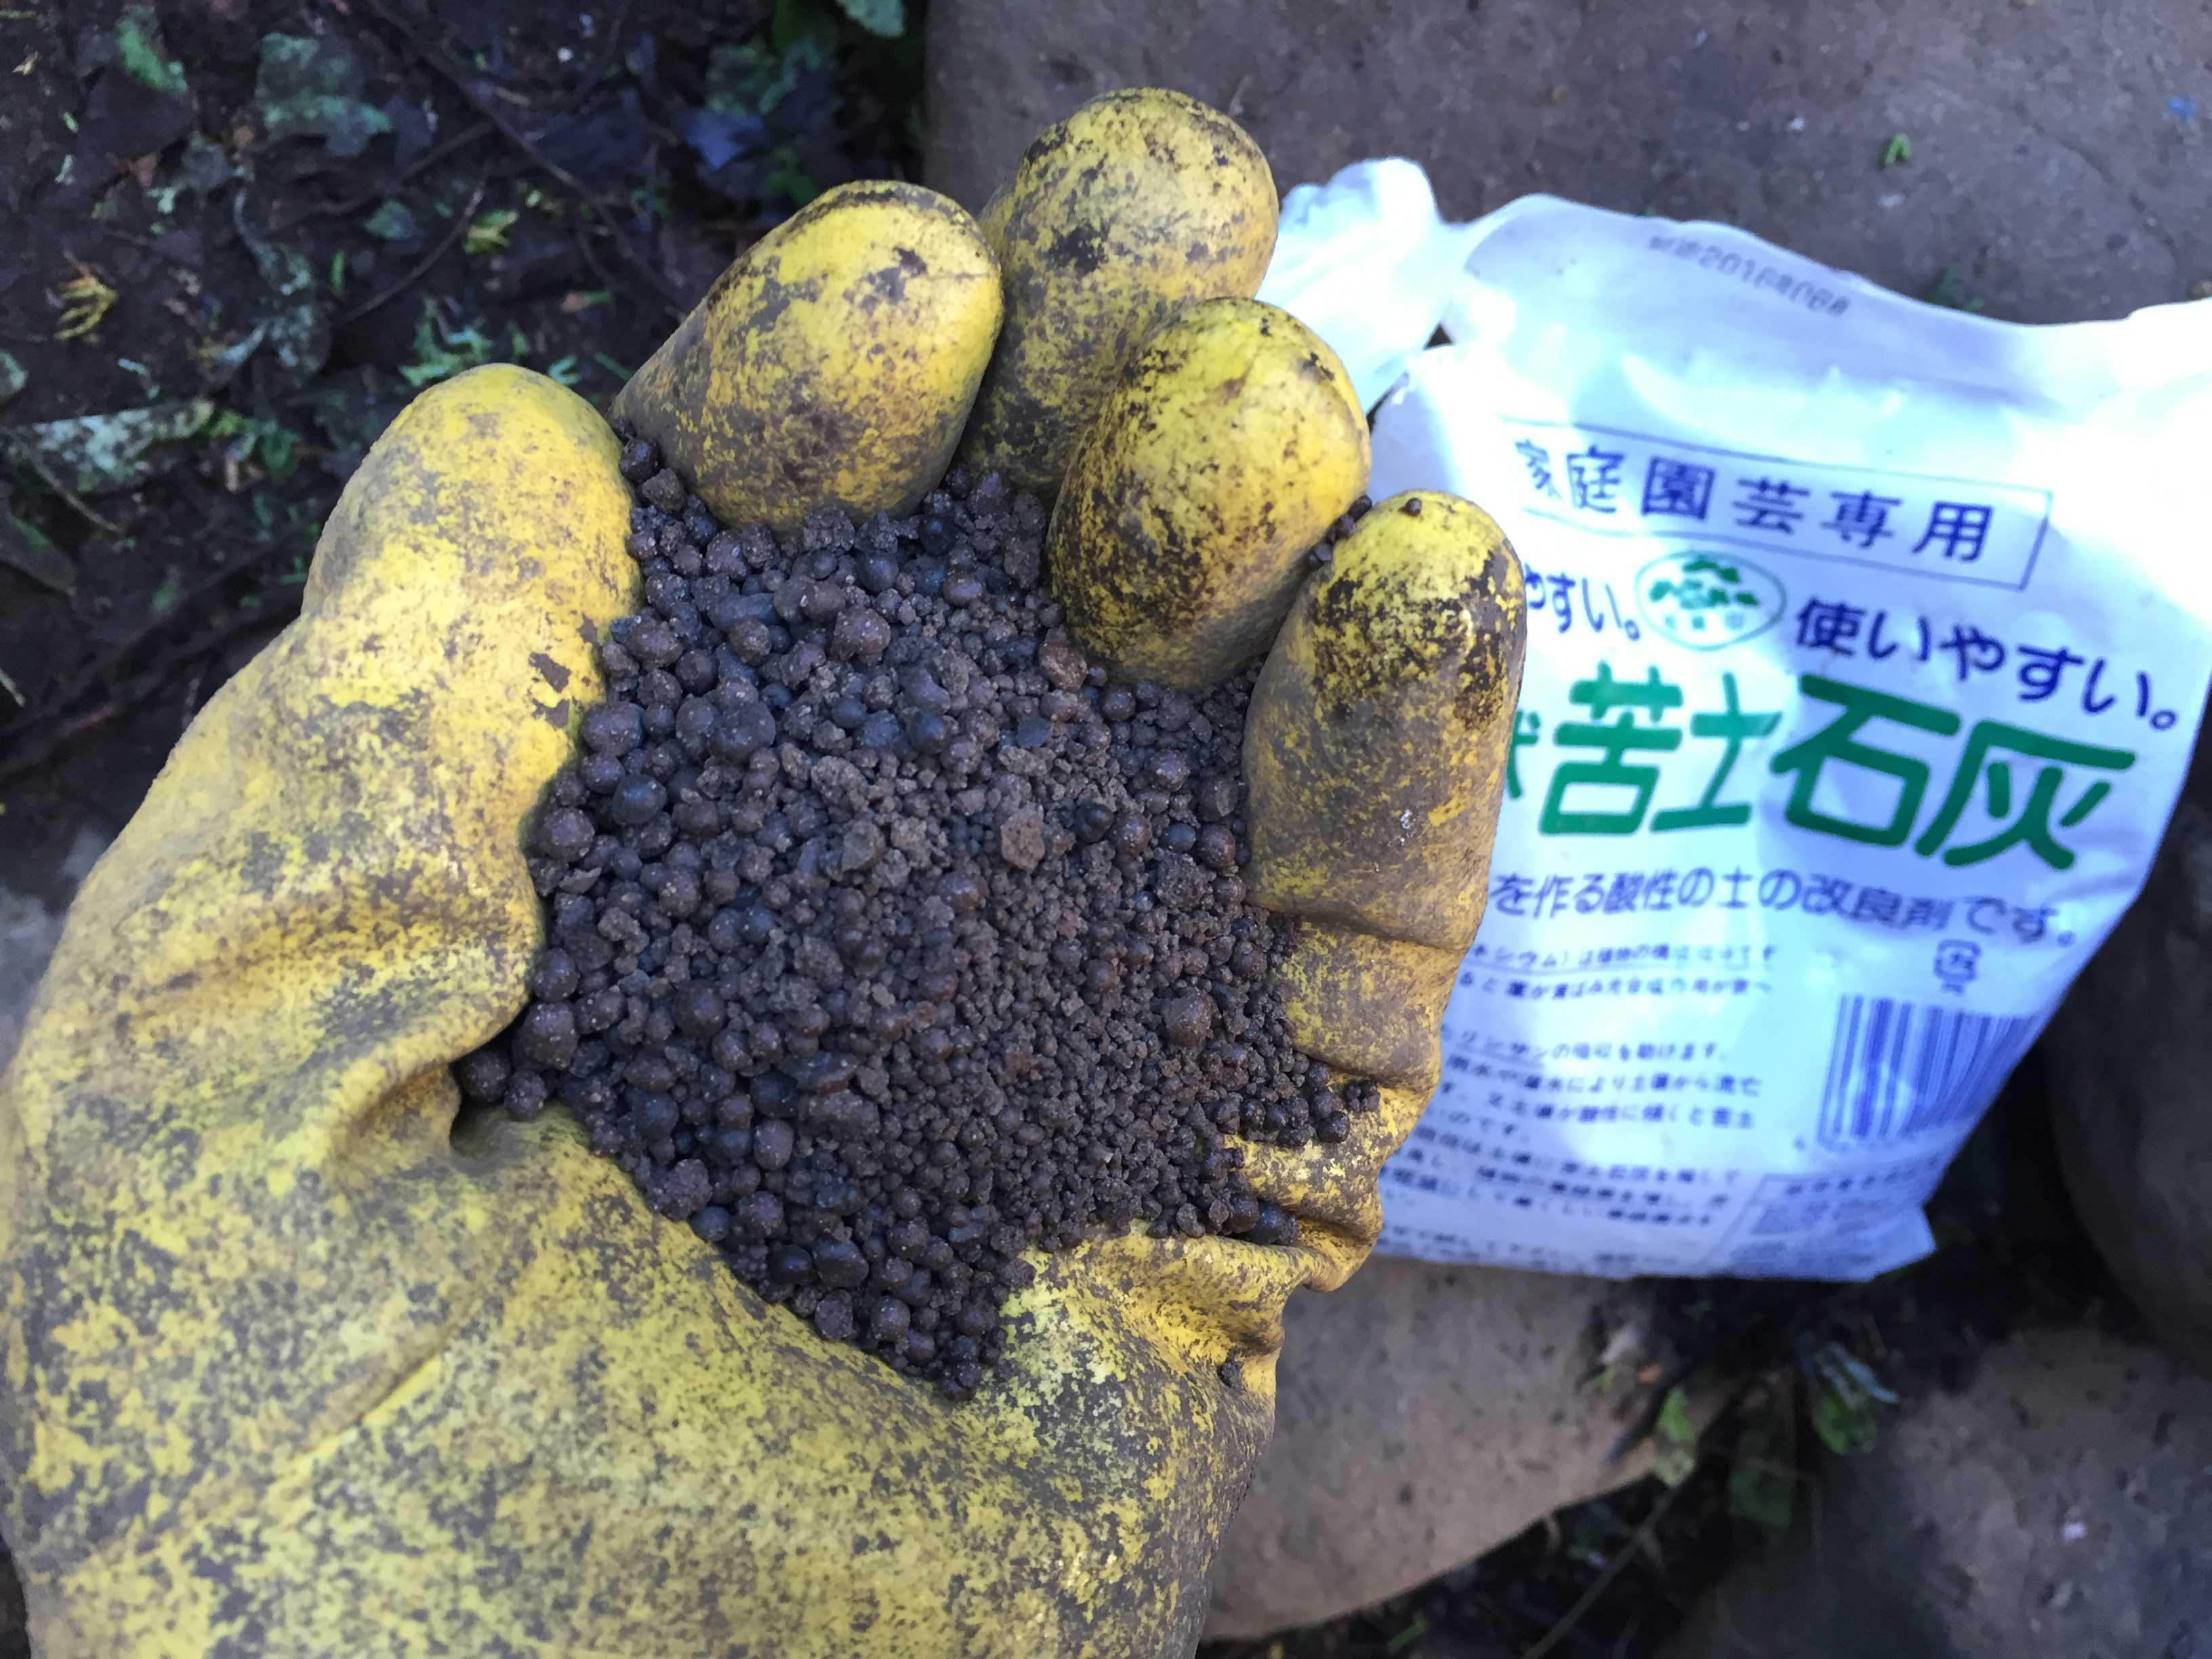 ヤマユリの球根植え付け - 苦土石灰